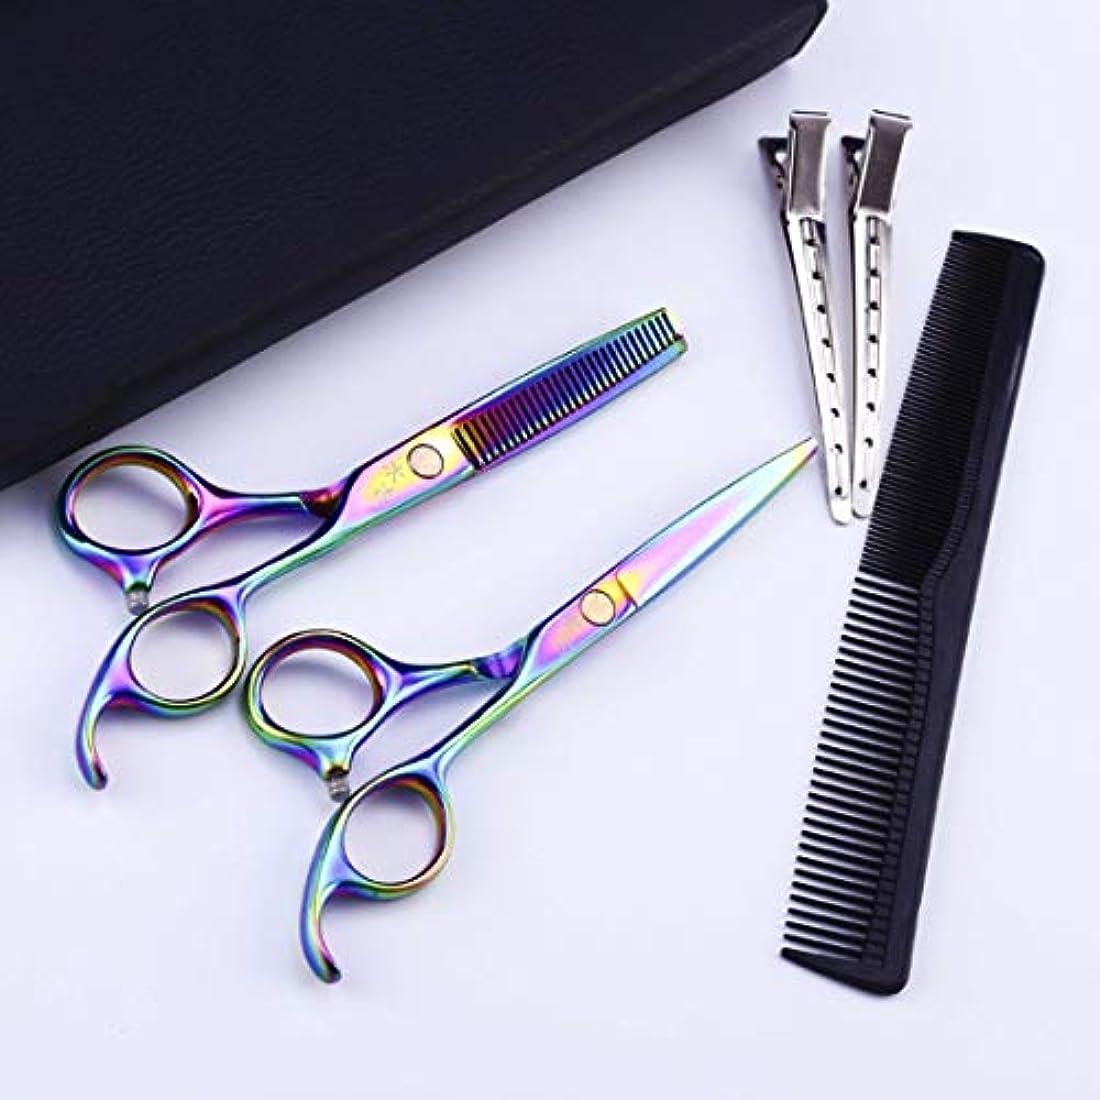 トークン標準放送Jiaoran カラフルな理髪はさみ、5.5インチプロはさみセットフラットはさみ+歯はさみセット (Color : Colorful)